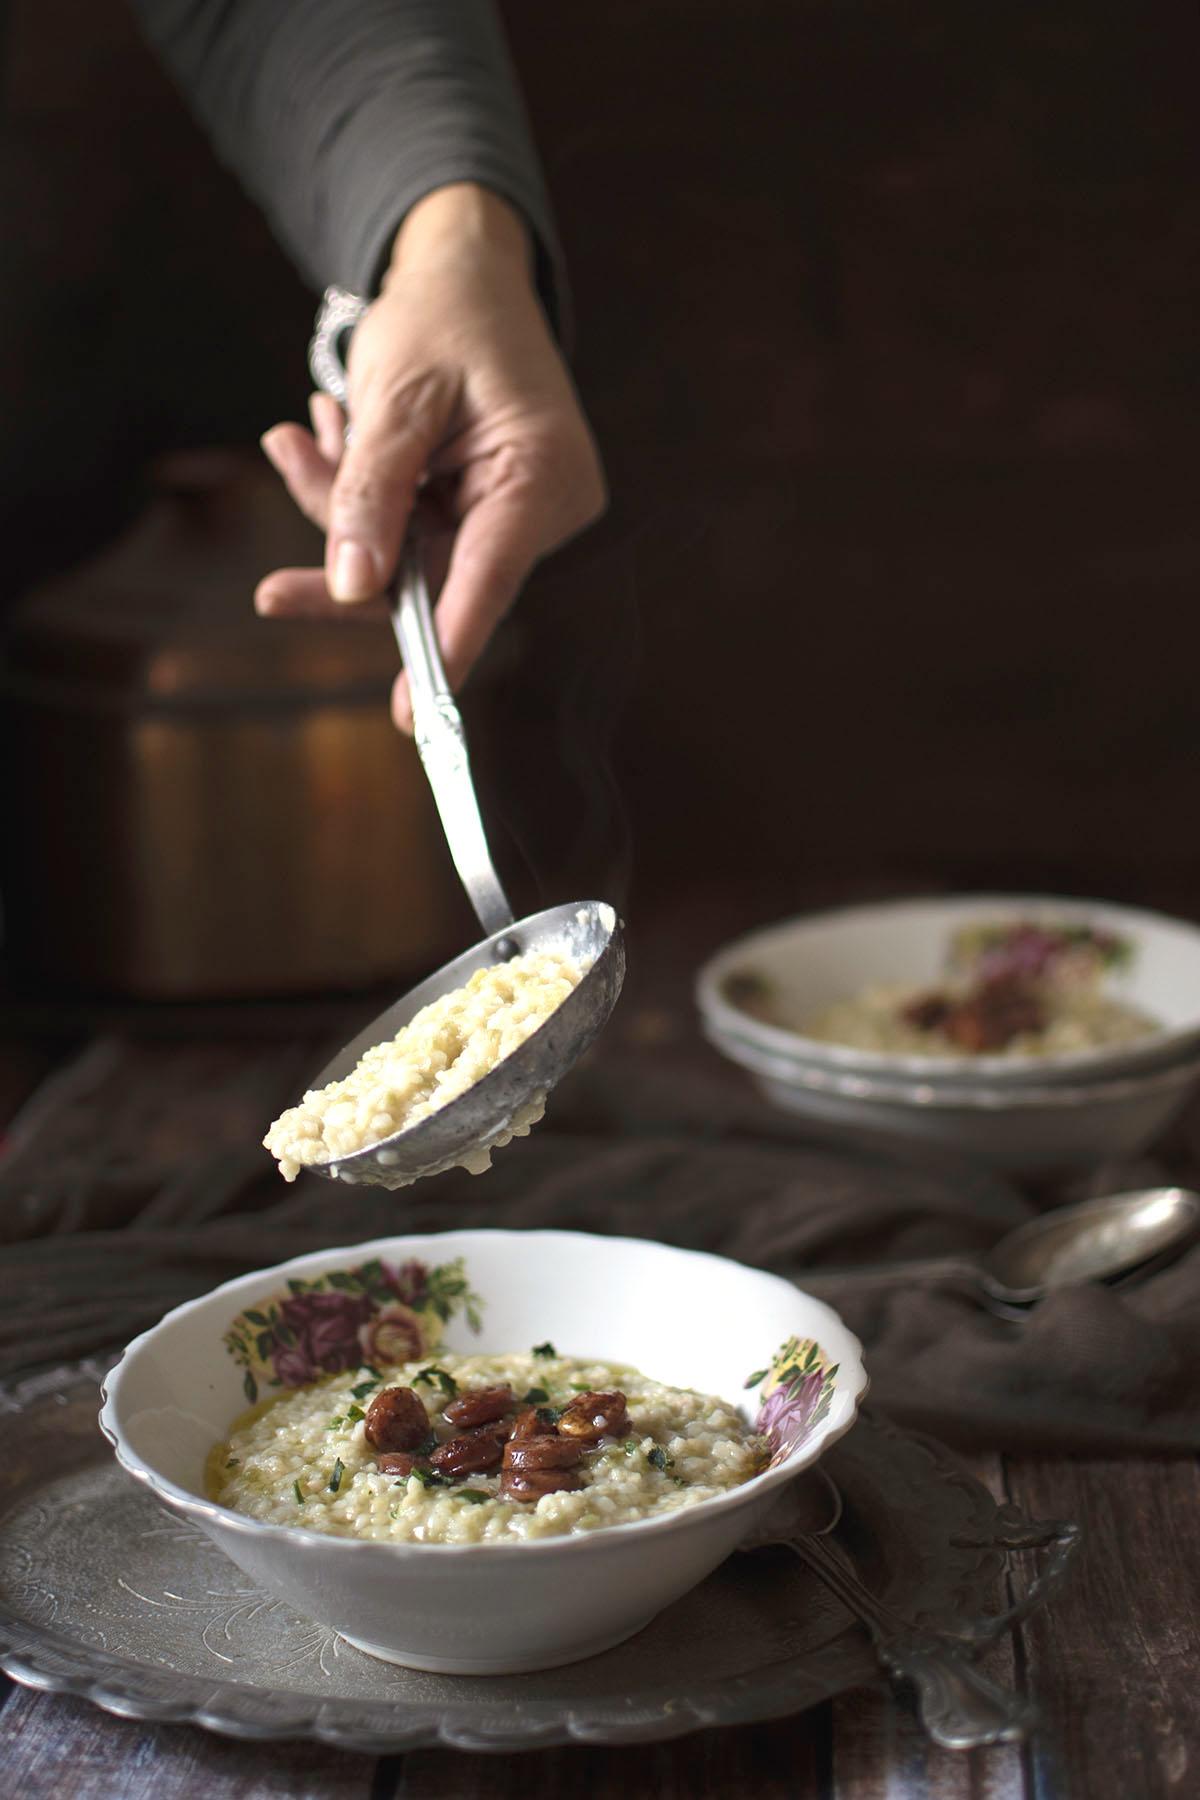 τραχανάς με λουκάνικο τσορίθο και λάδι τρούφας